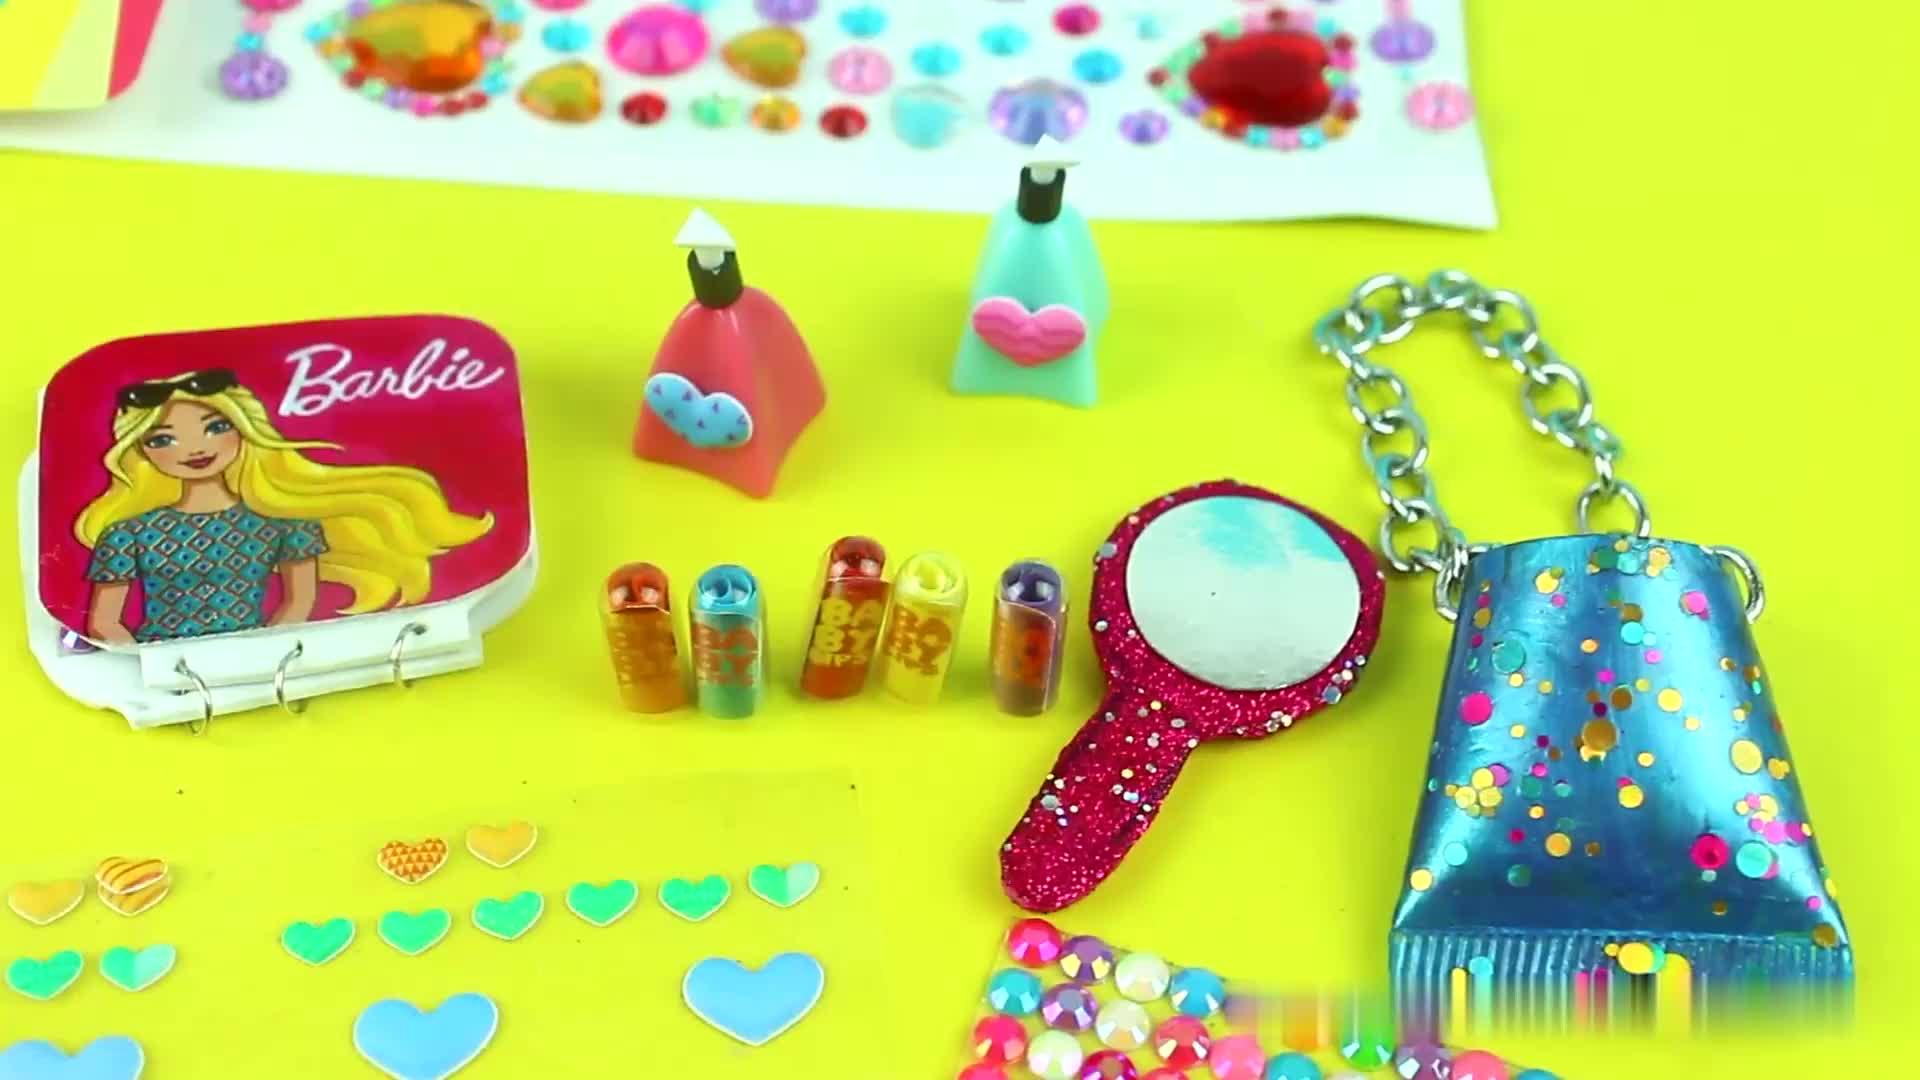 芭比娃娃手工,很酷的芭比娃娃迷你玩具模型,一起动手做